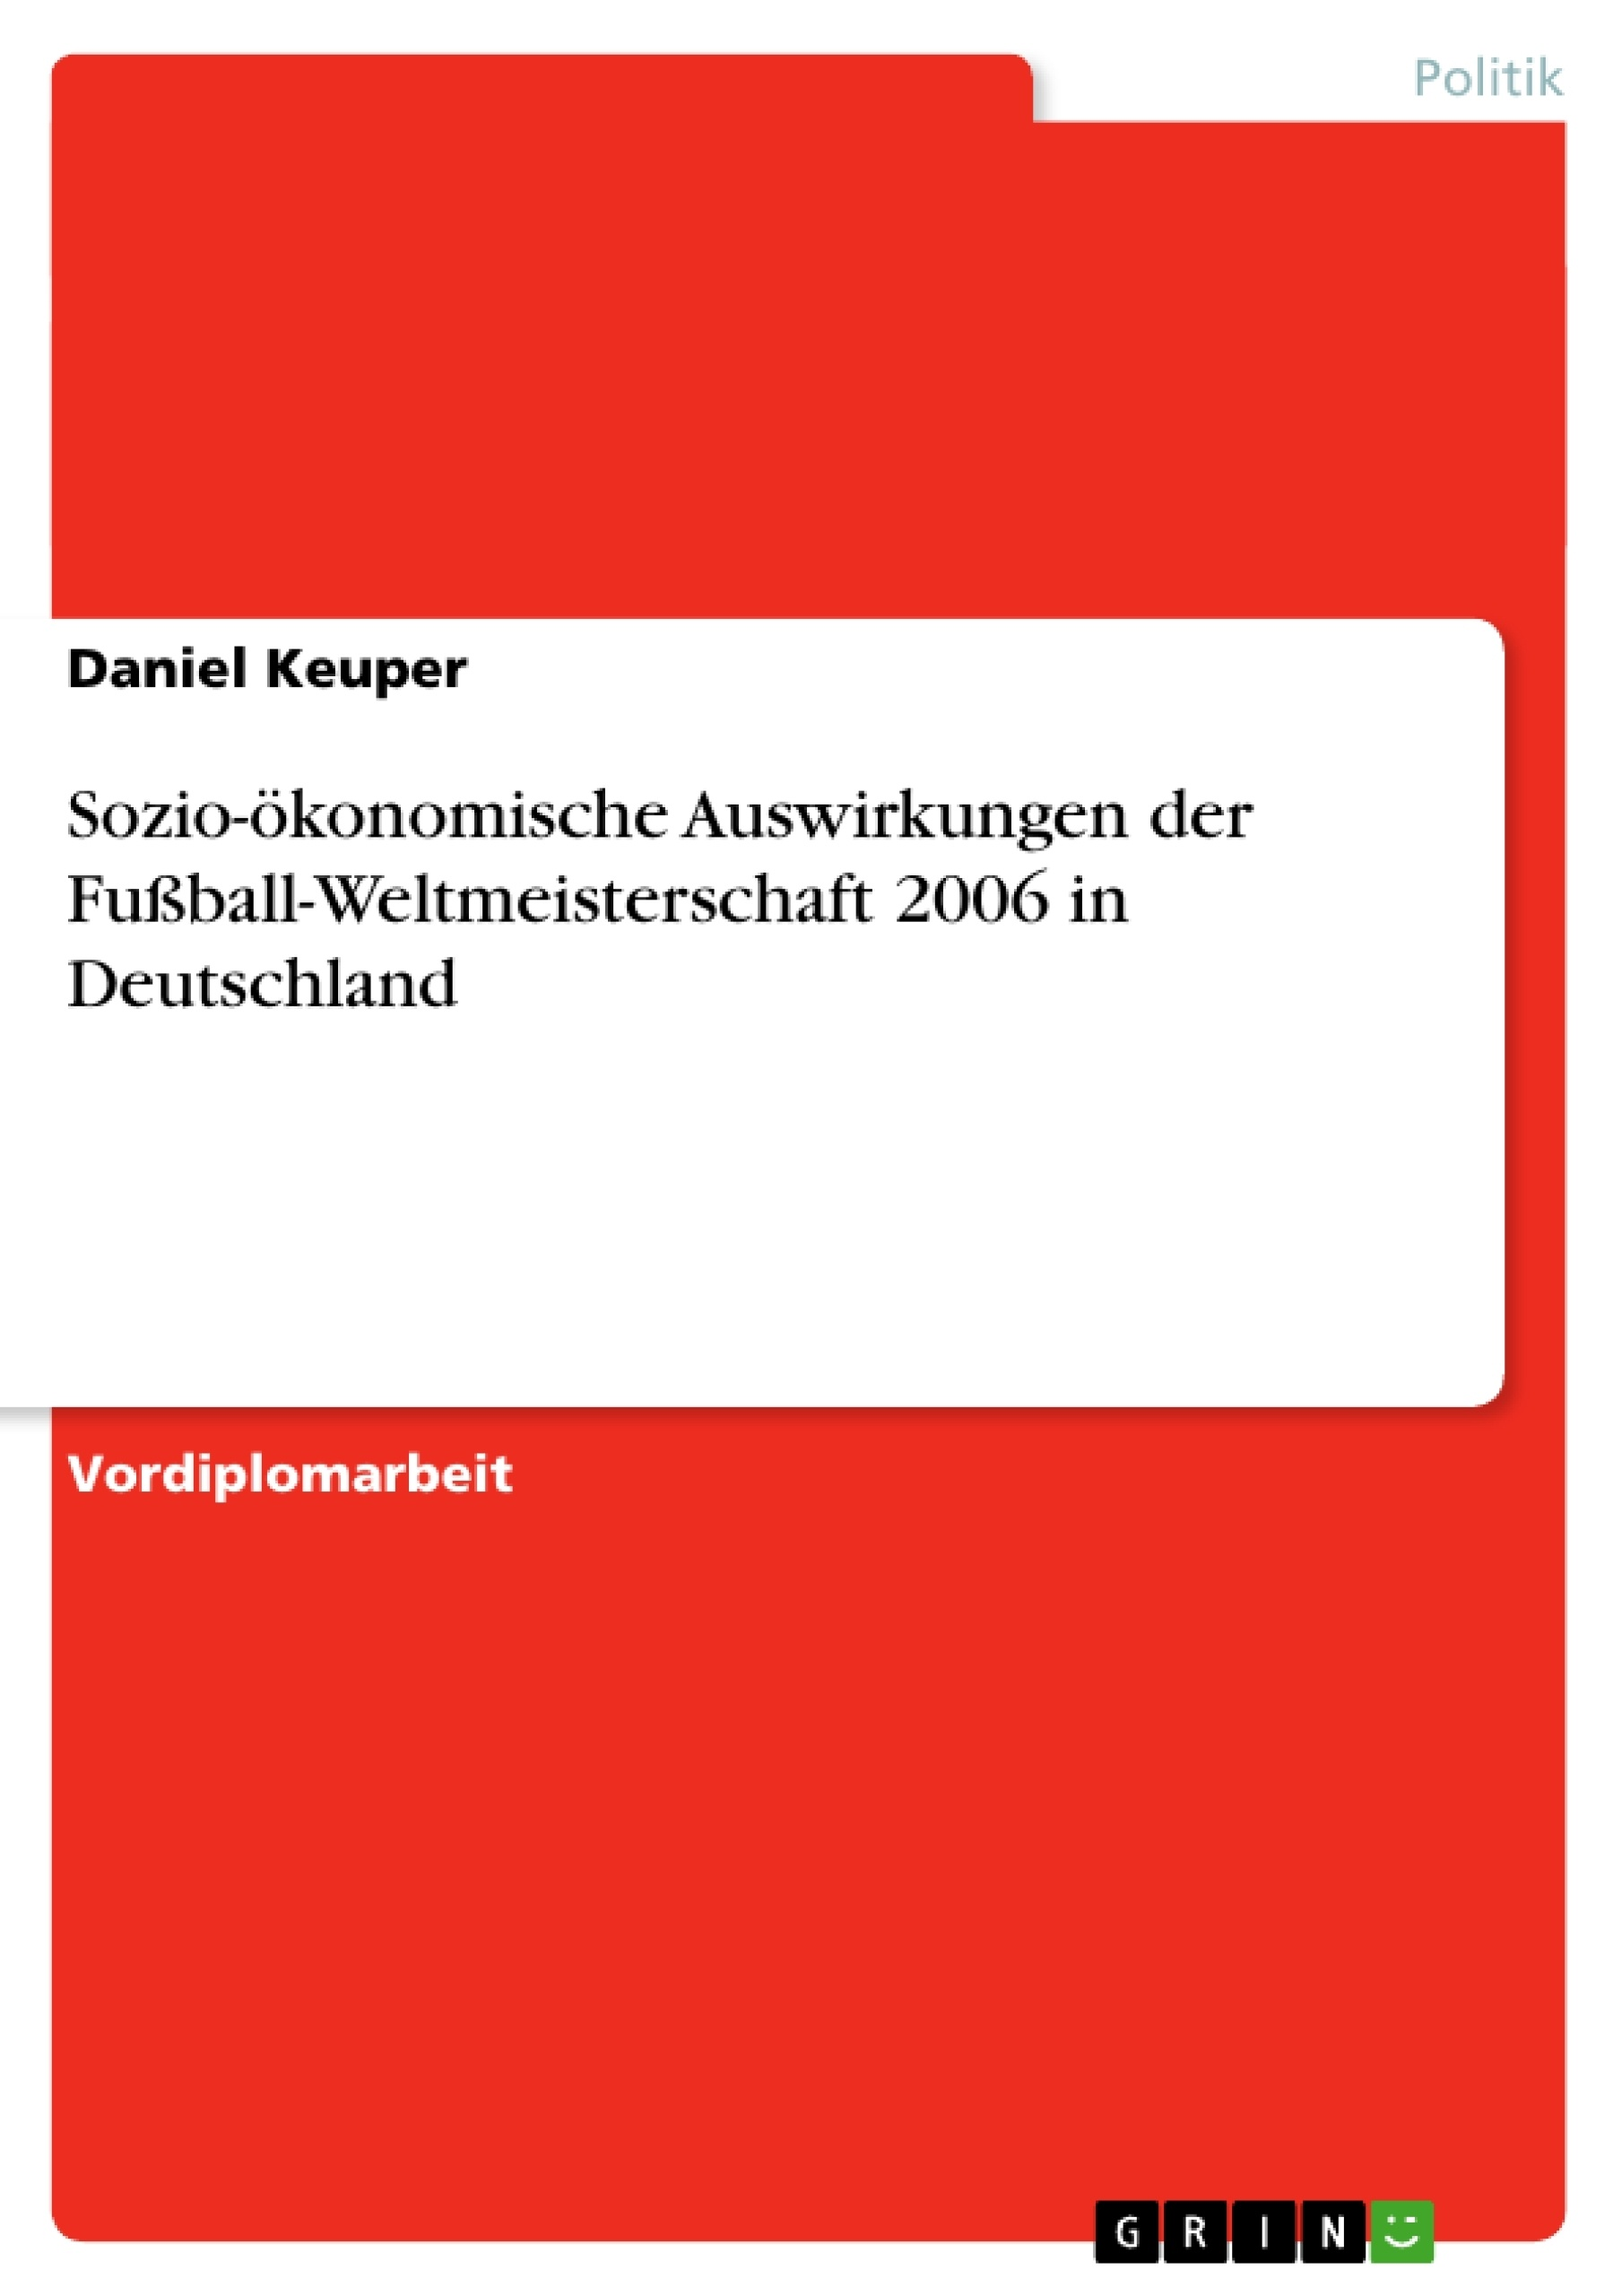 Titel: Sozio-ökonomische Auswirkungen der Fußball-Weltmeisterschaft 2006 in Deutschland